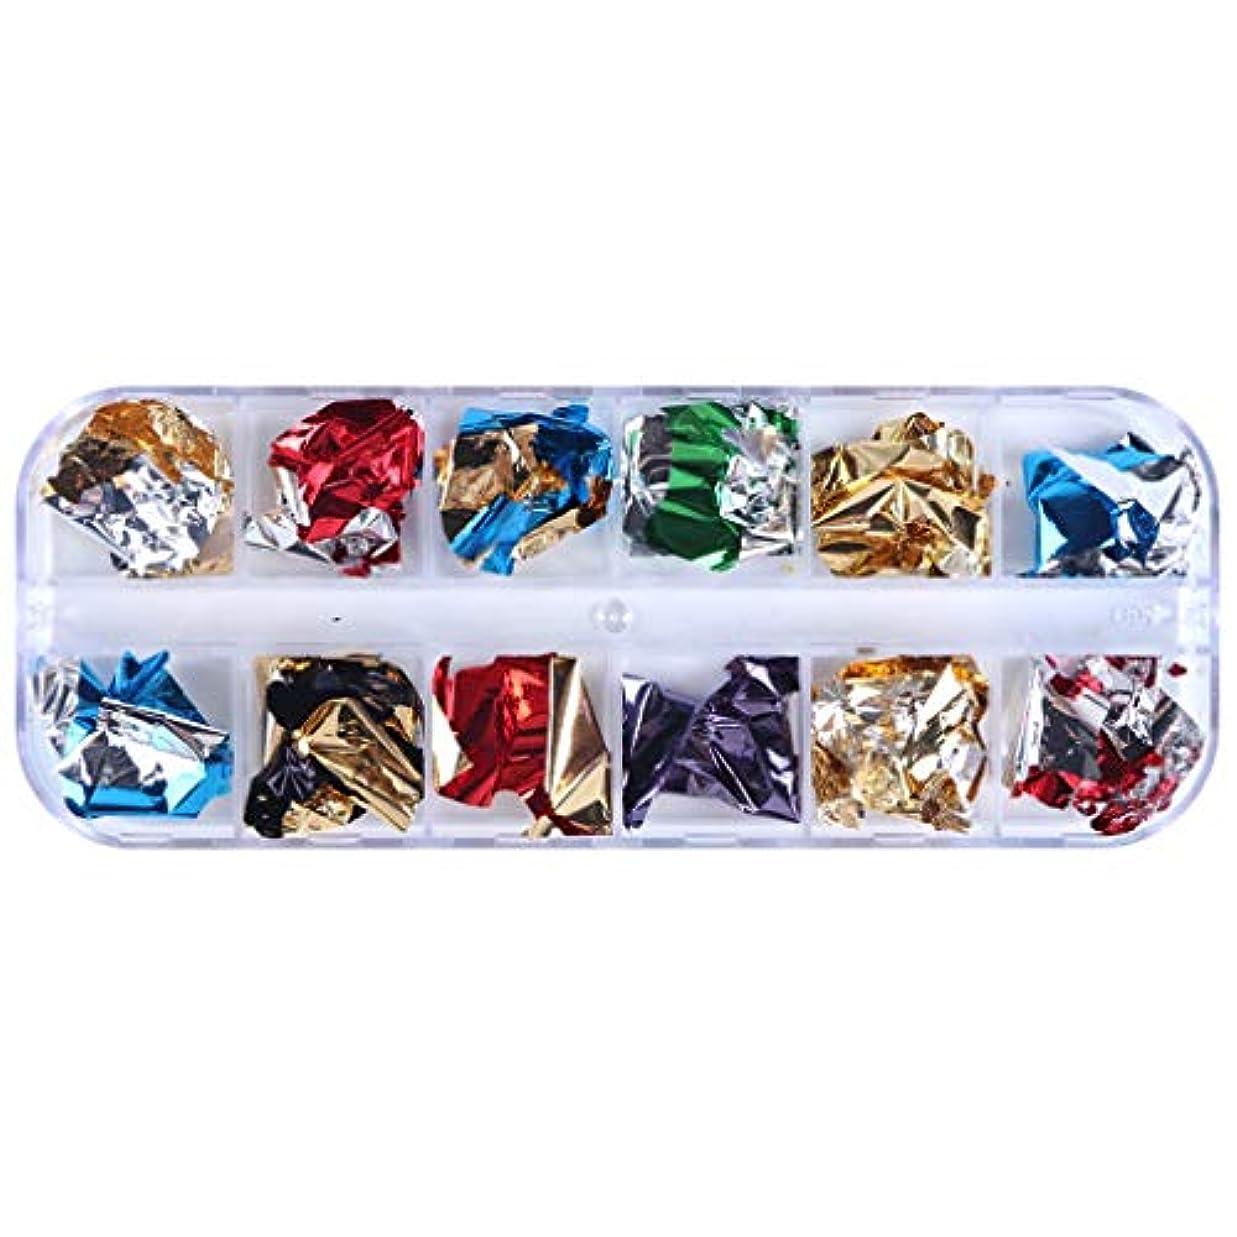 急いで偏見有名人OD企画 細切りラメネイルホイル ホイルフレークデコレーション ネイルレジンパーツ金箔/銀箔パウダー 埋め込み用 12色セットケース付け 3Dネイルアート デコレーション ネイルデザイン マニキュア デコパーツ 夏